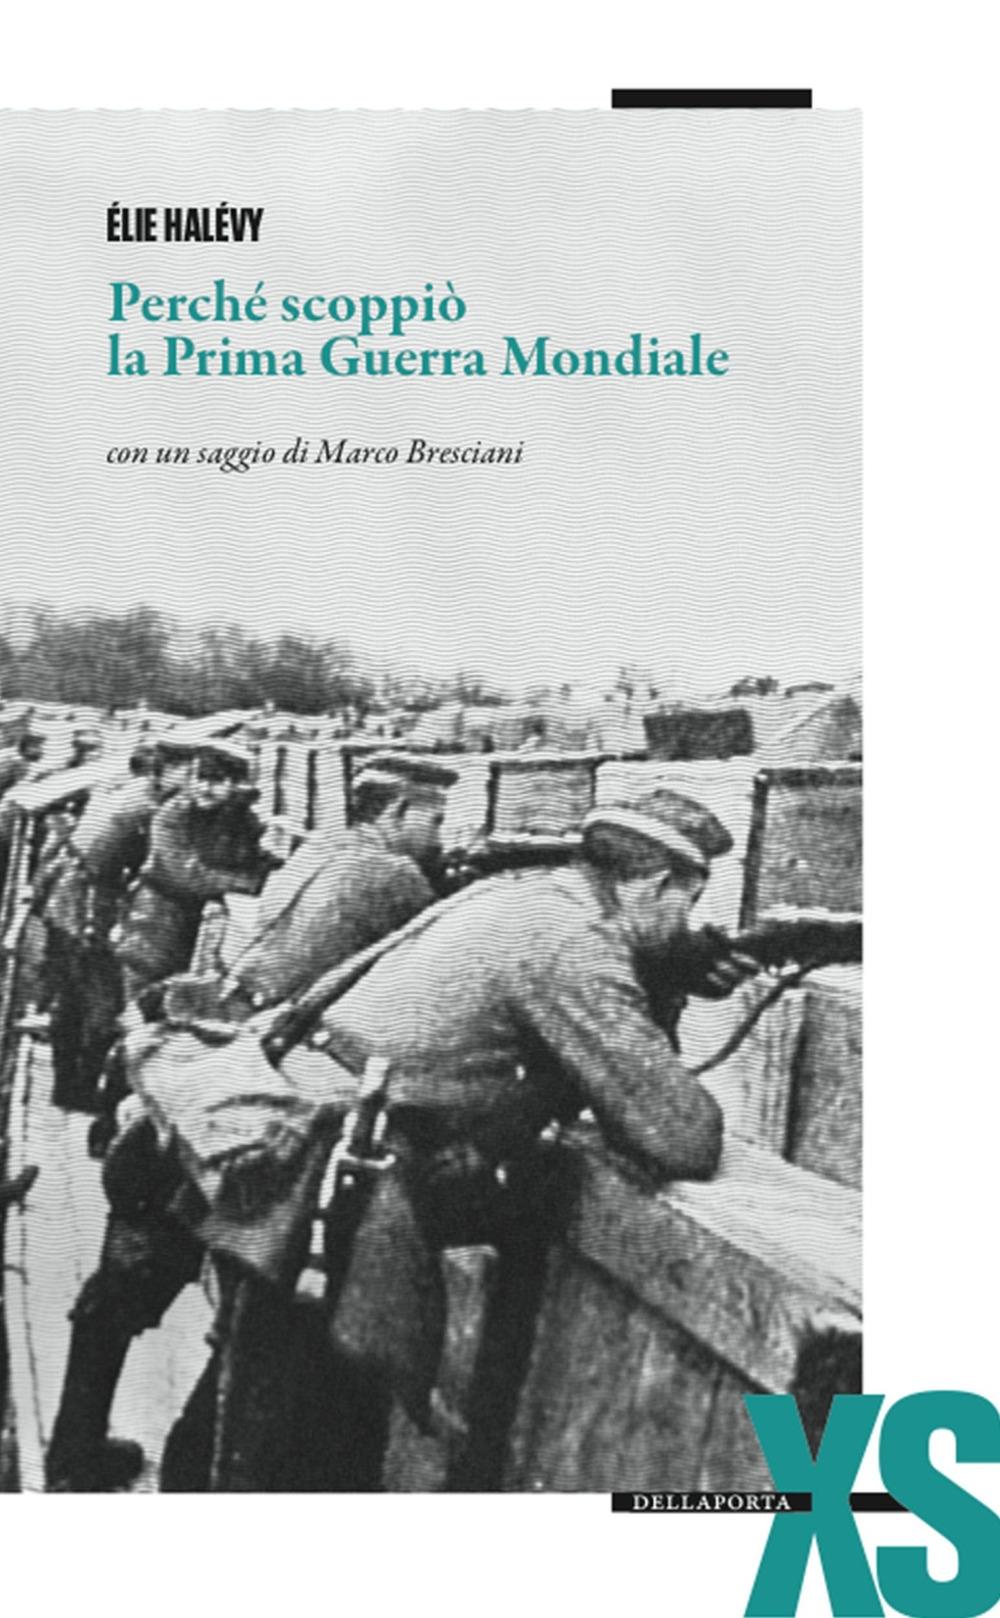 Perché scoppiò la prima guerra mondiale